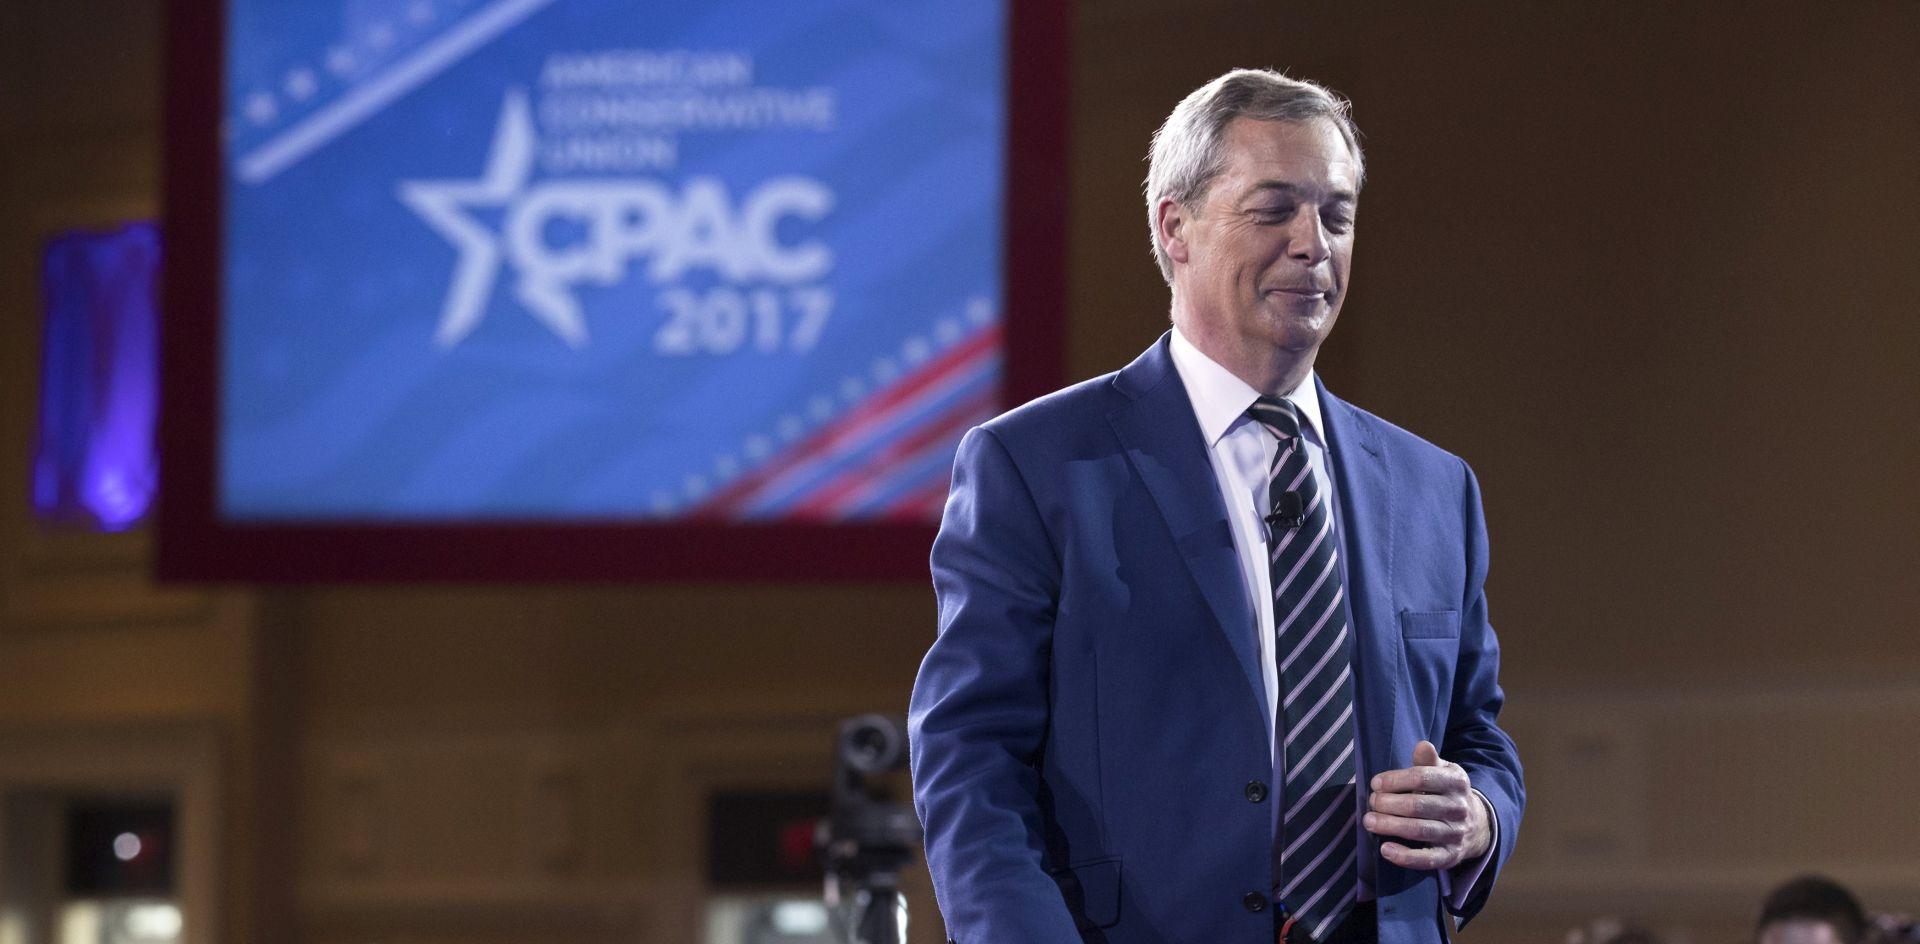 Nigel Farage američkim konzervativcima: '2016. je samo početak'